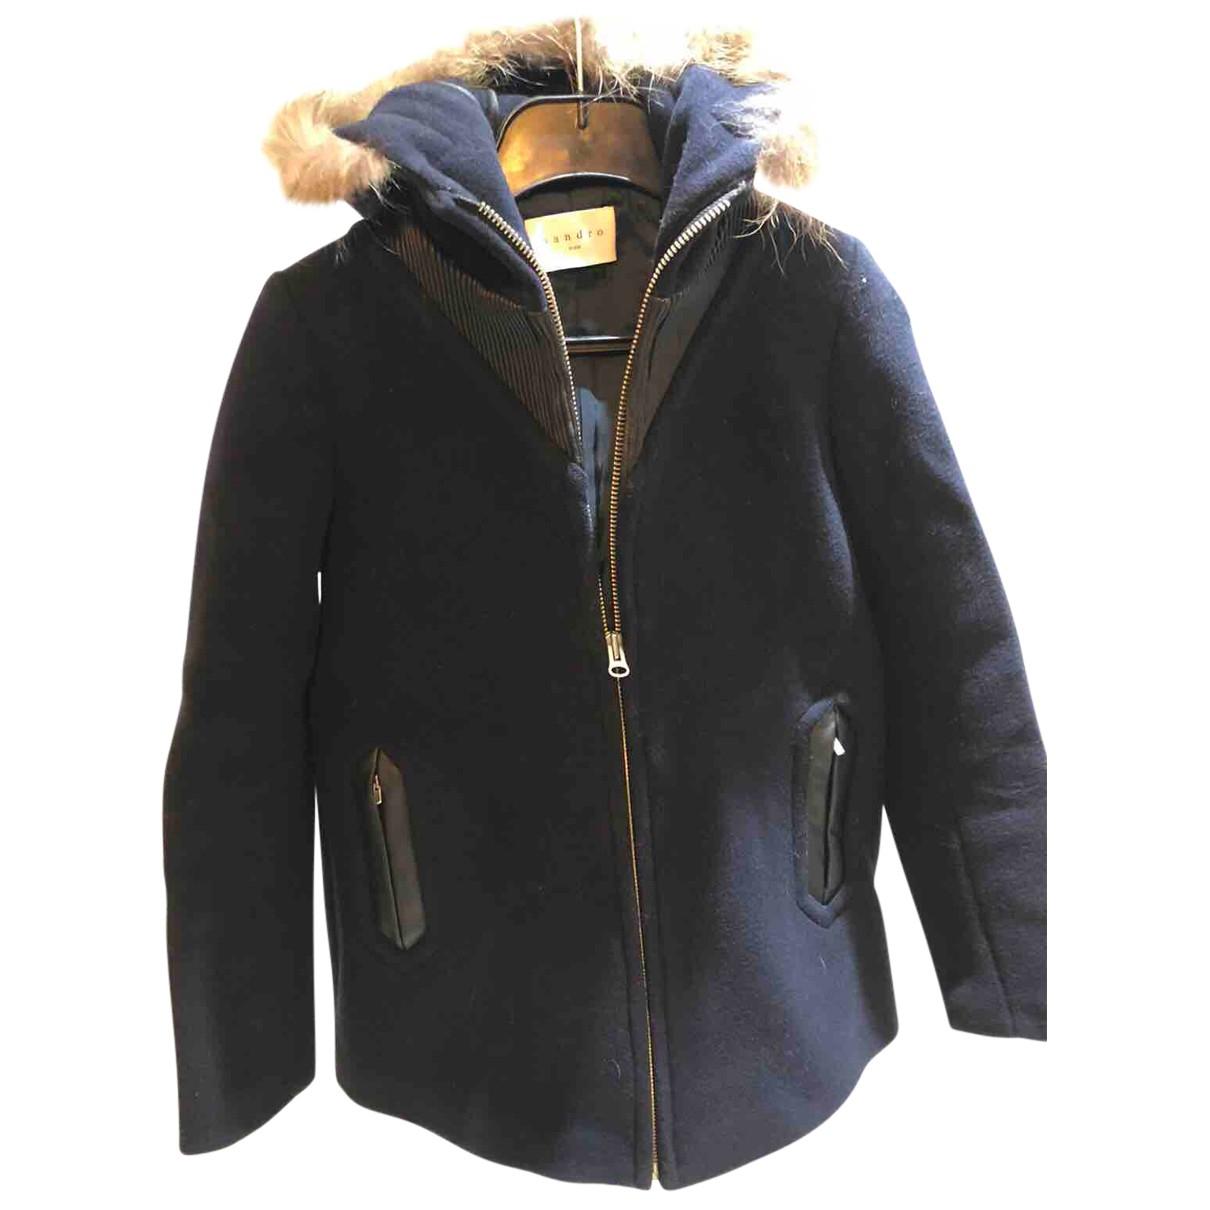 Sandro - Manteau Fall Winter 2019 pour femme en laine - noir